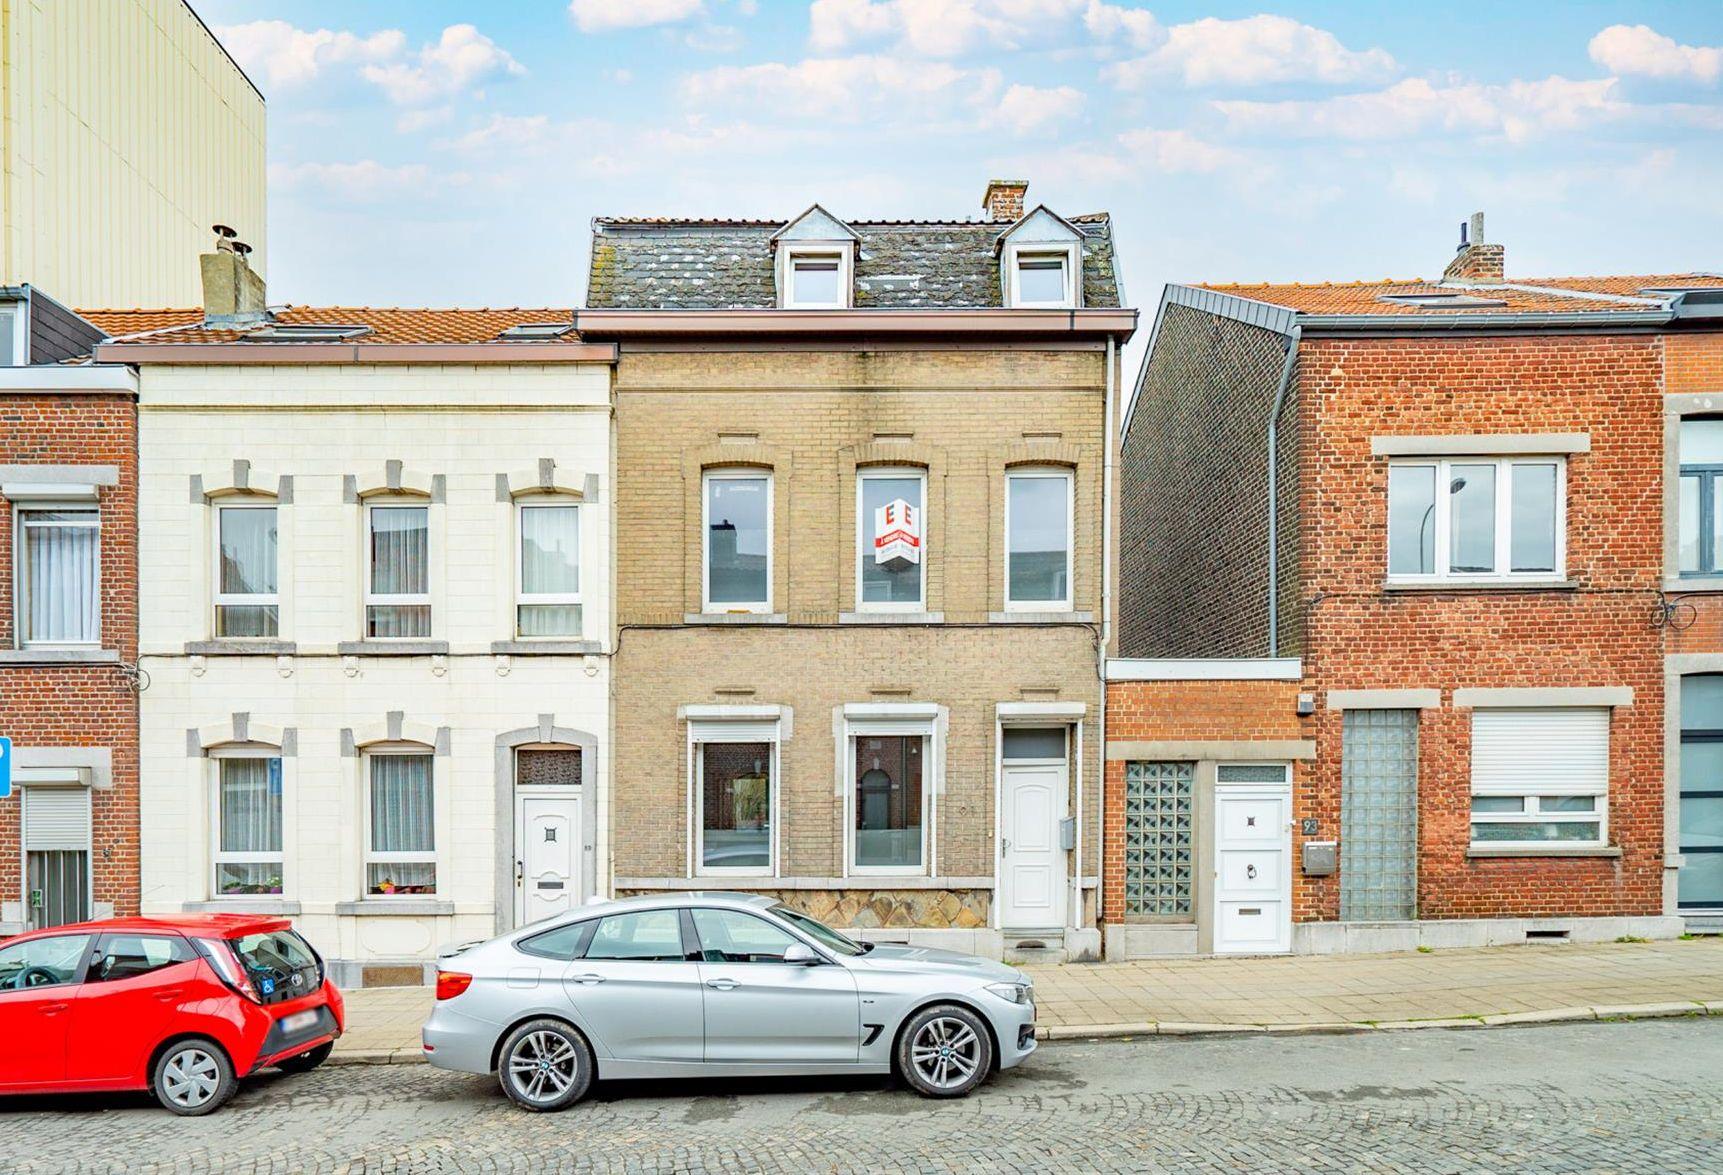 Hausse de l'activité immobilière en province de Liège: voici le prix moyen d'une maison et d'un appartement